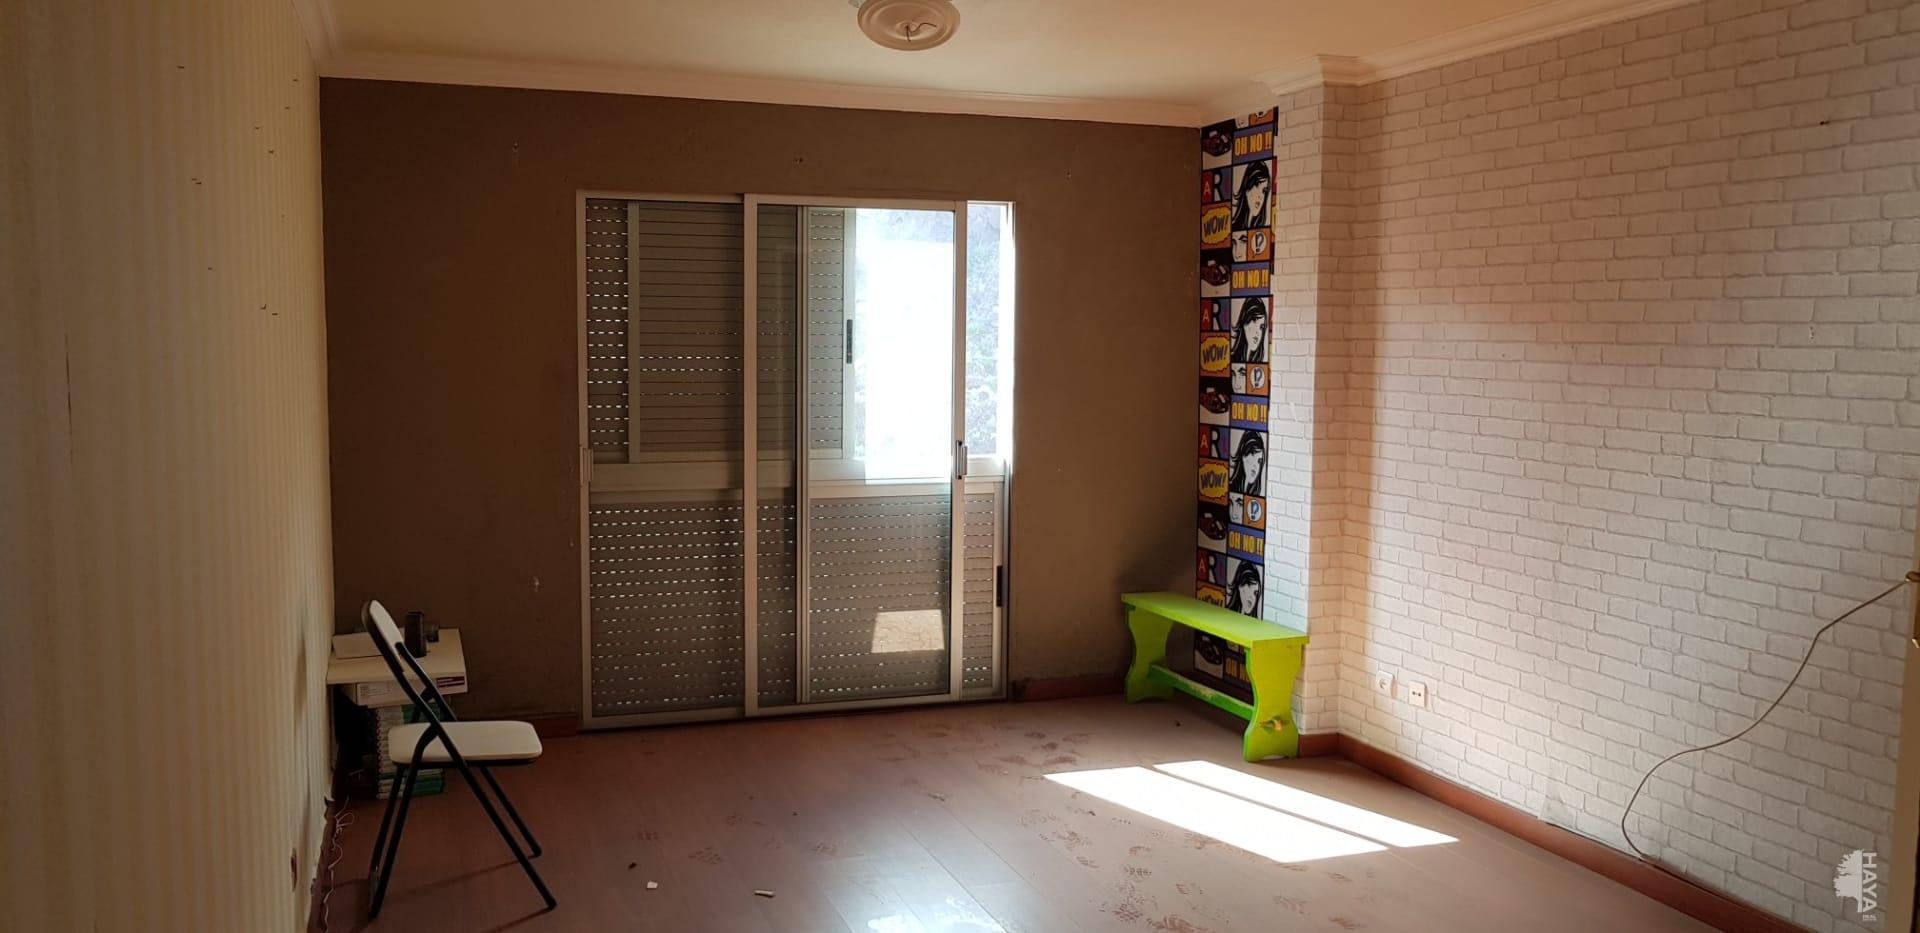 Piso en venta en San Cristobal de la Laguna, Santa Cruz de Tenerife, Calle Rector Antonio Bethencourt, 63.948 €, 1 habitación, 1 baño, 90 m2